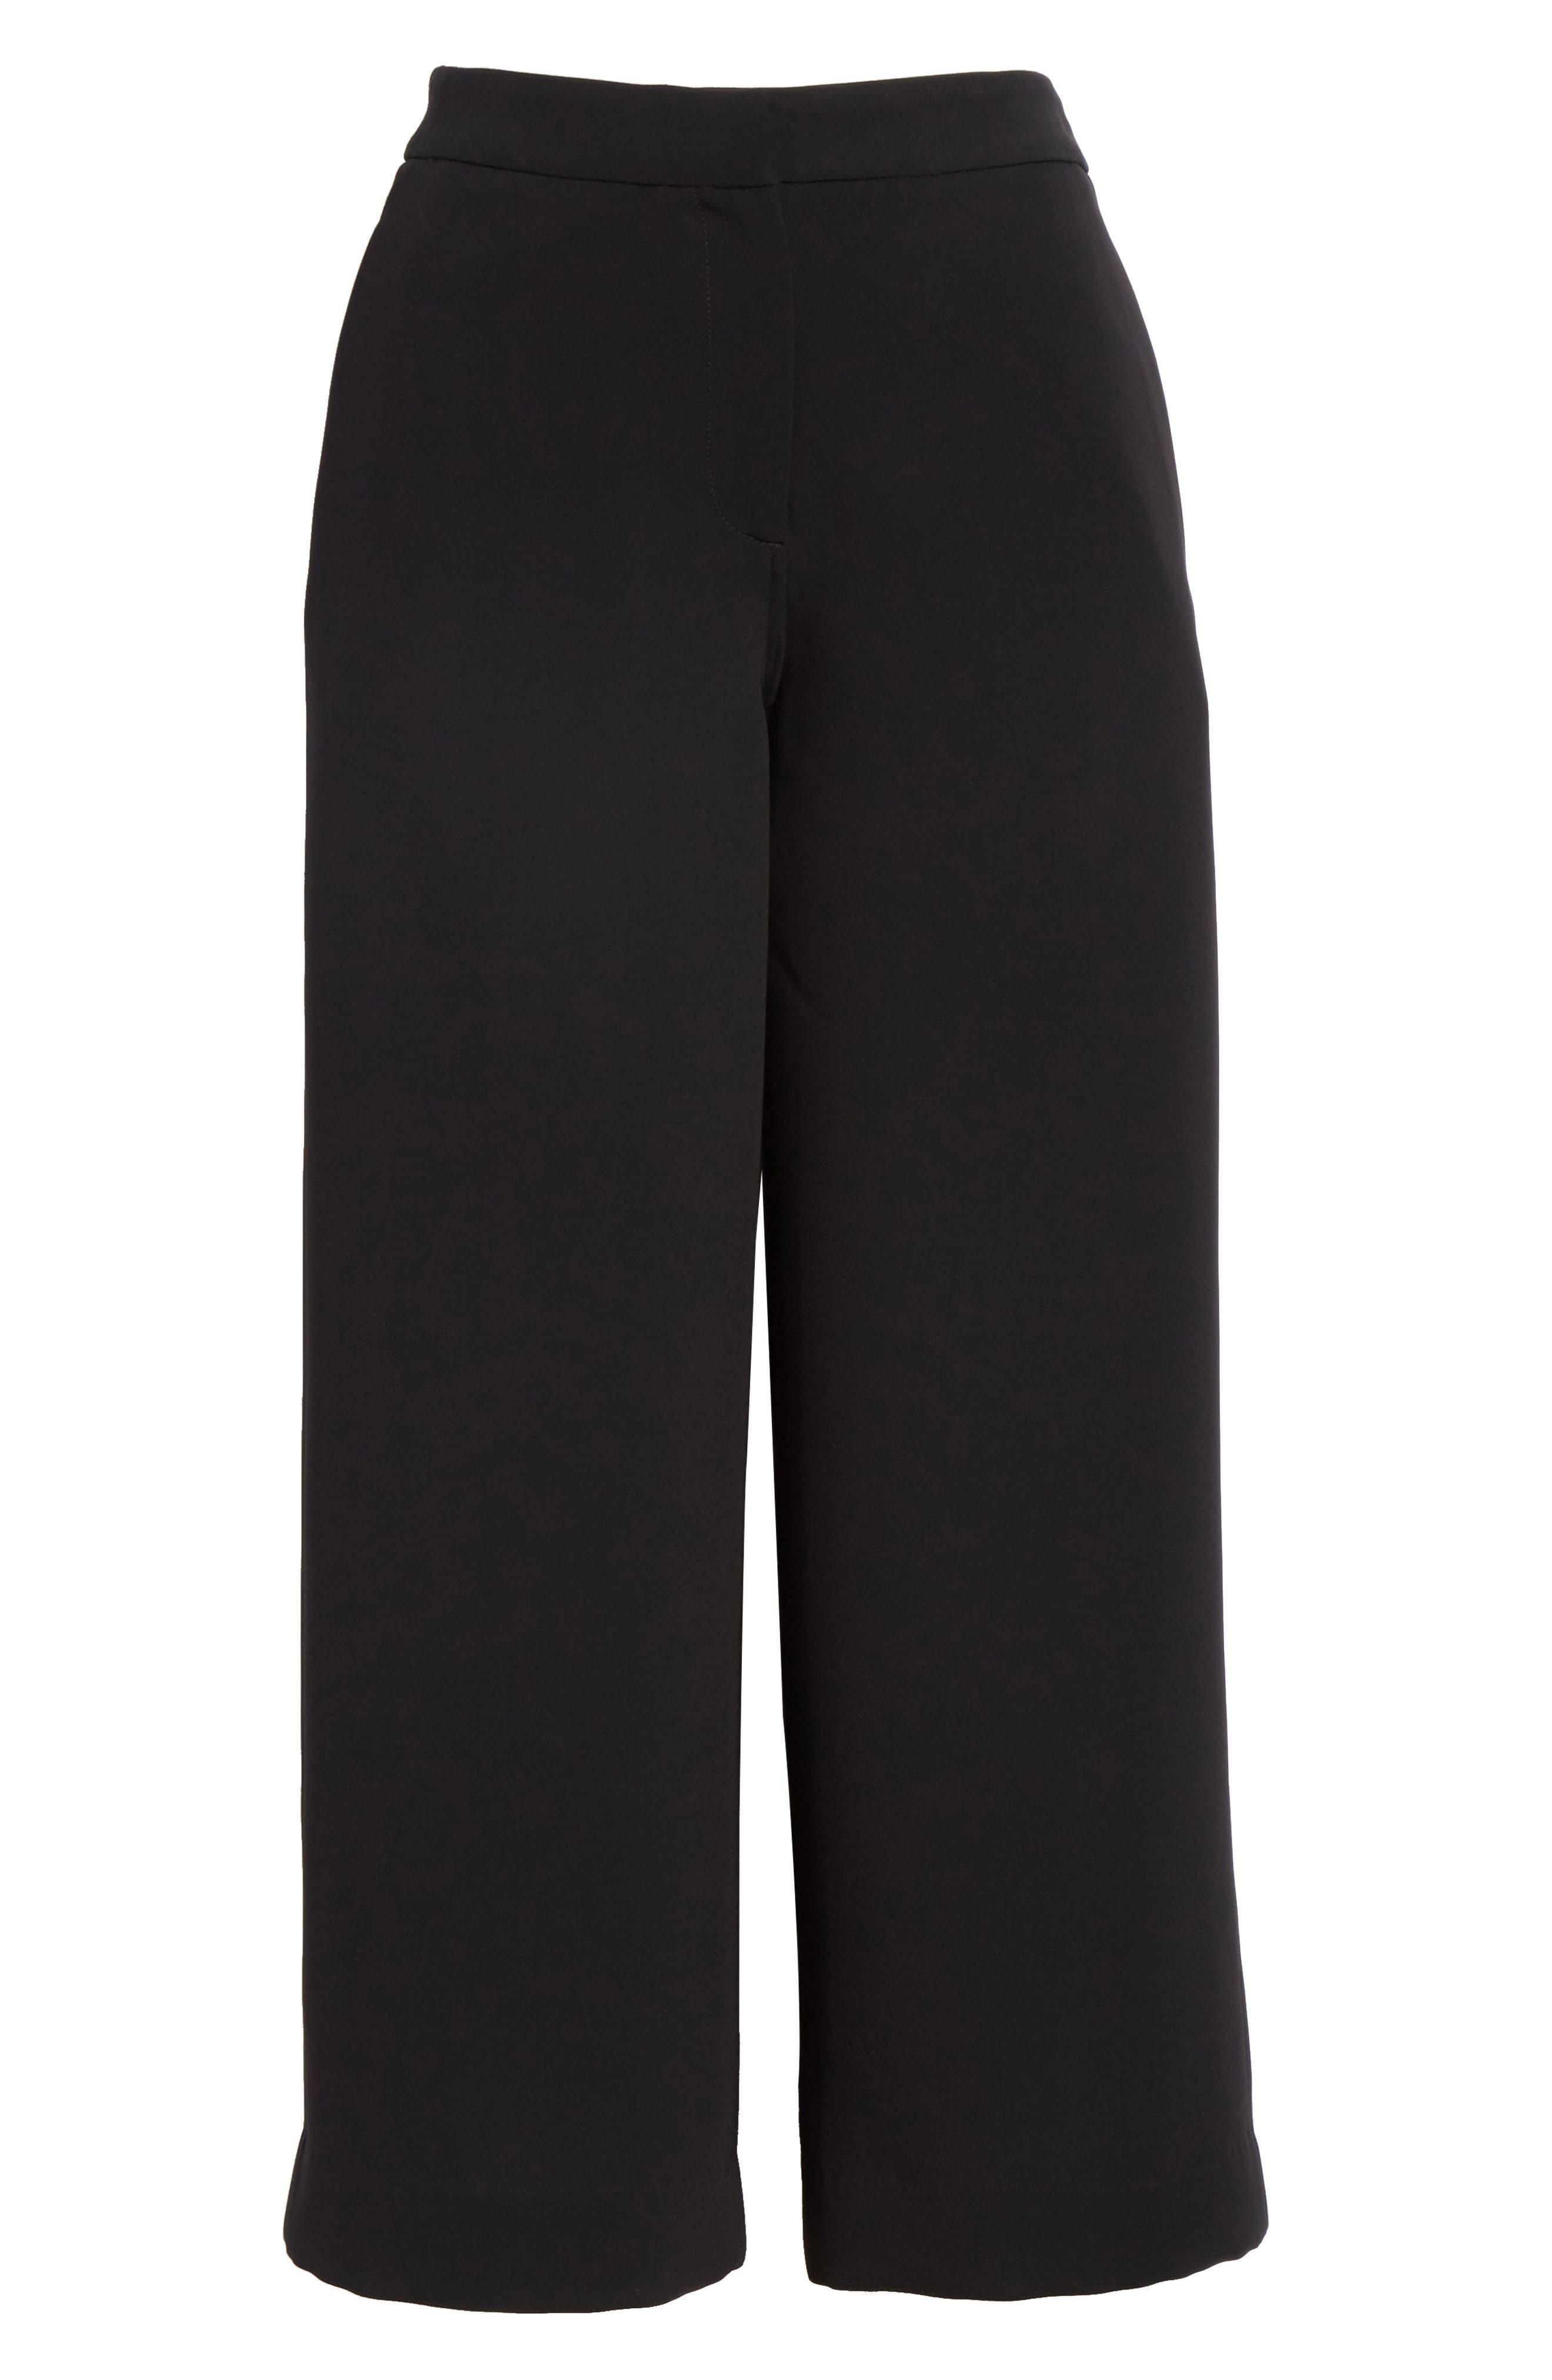 Marci Wide Leg Crop Pants,                             Alternate thumbnail 6, color,                             Black